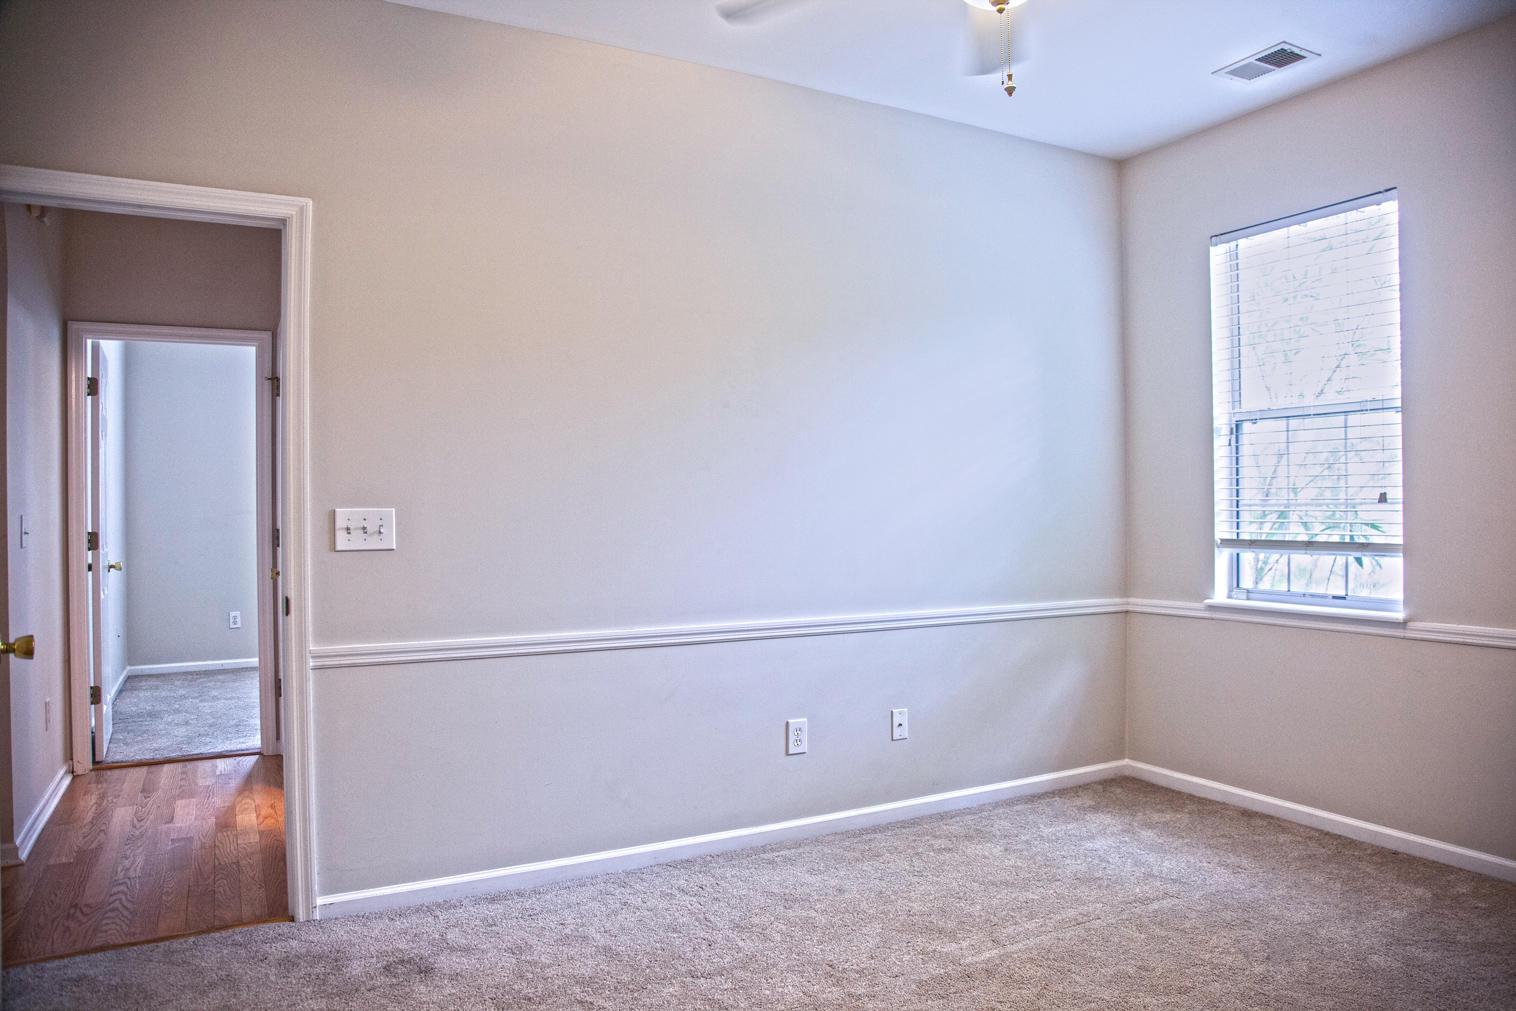 Park West Homes For Sale - 3190 John Bartram Place, Mount Pleasant, SC - 30